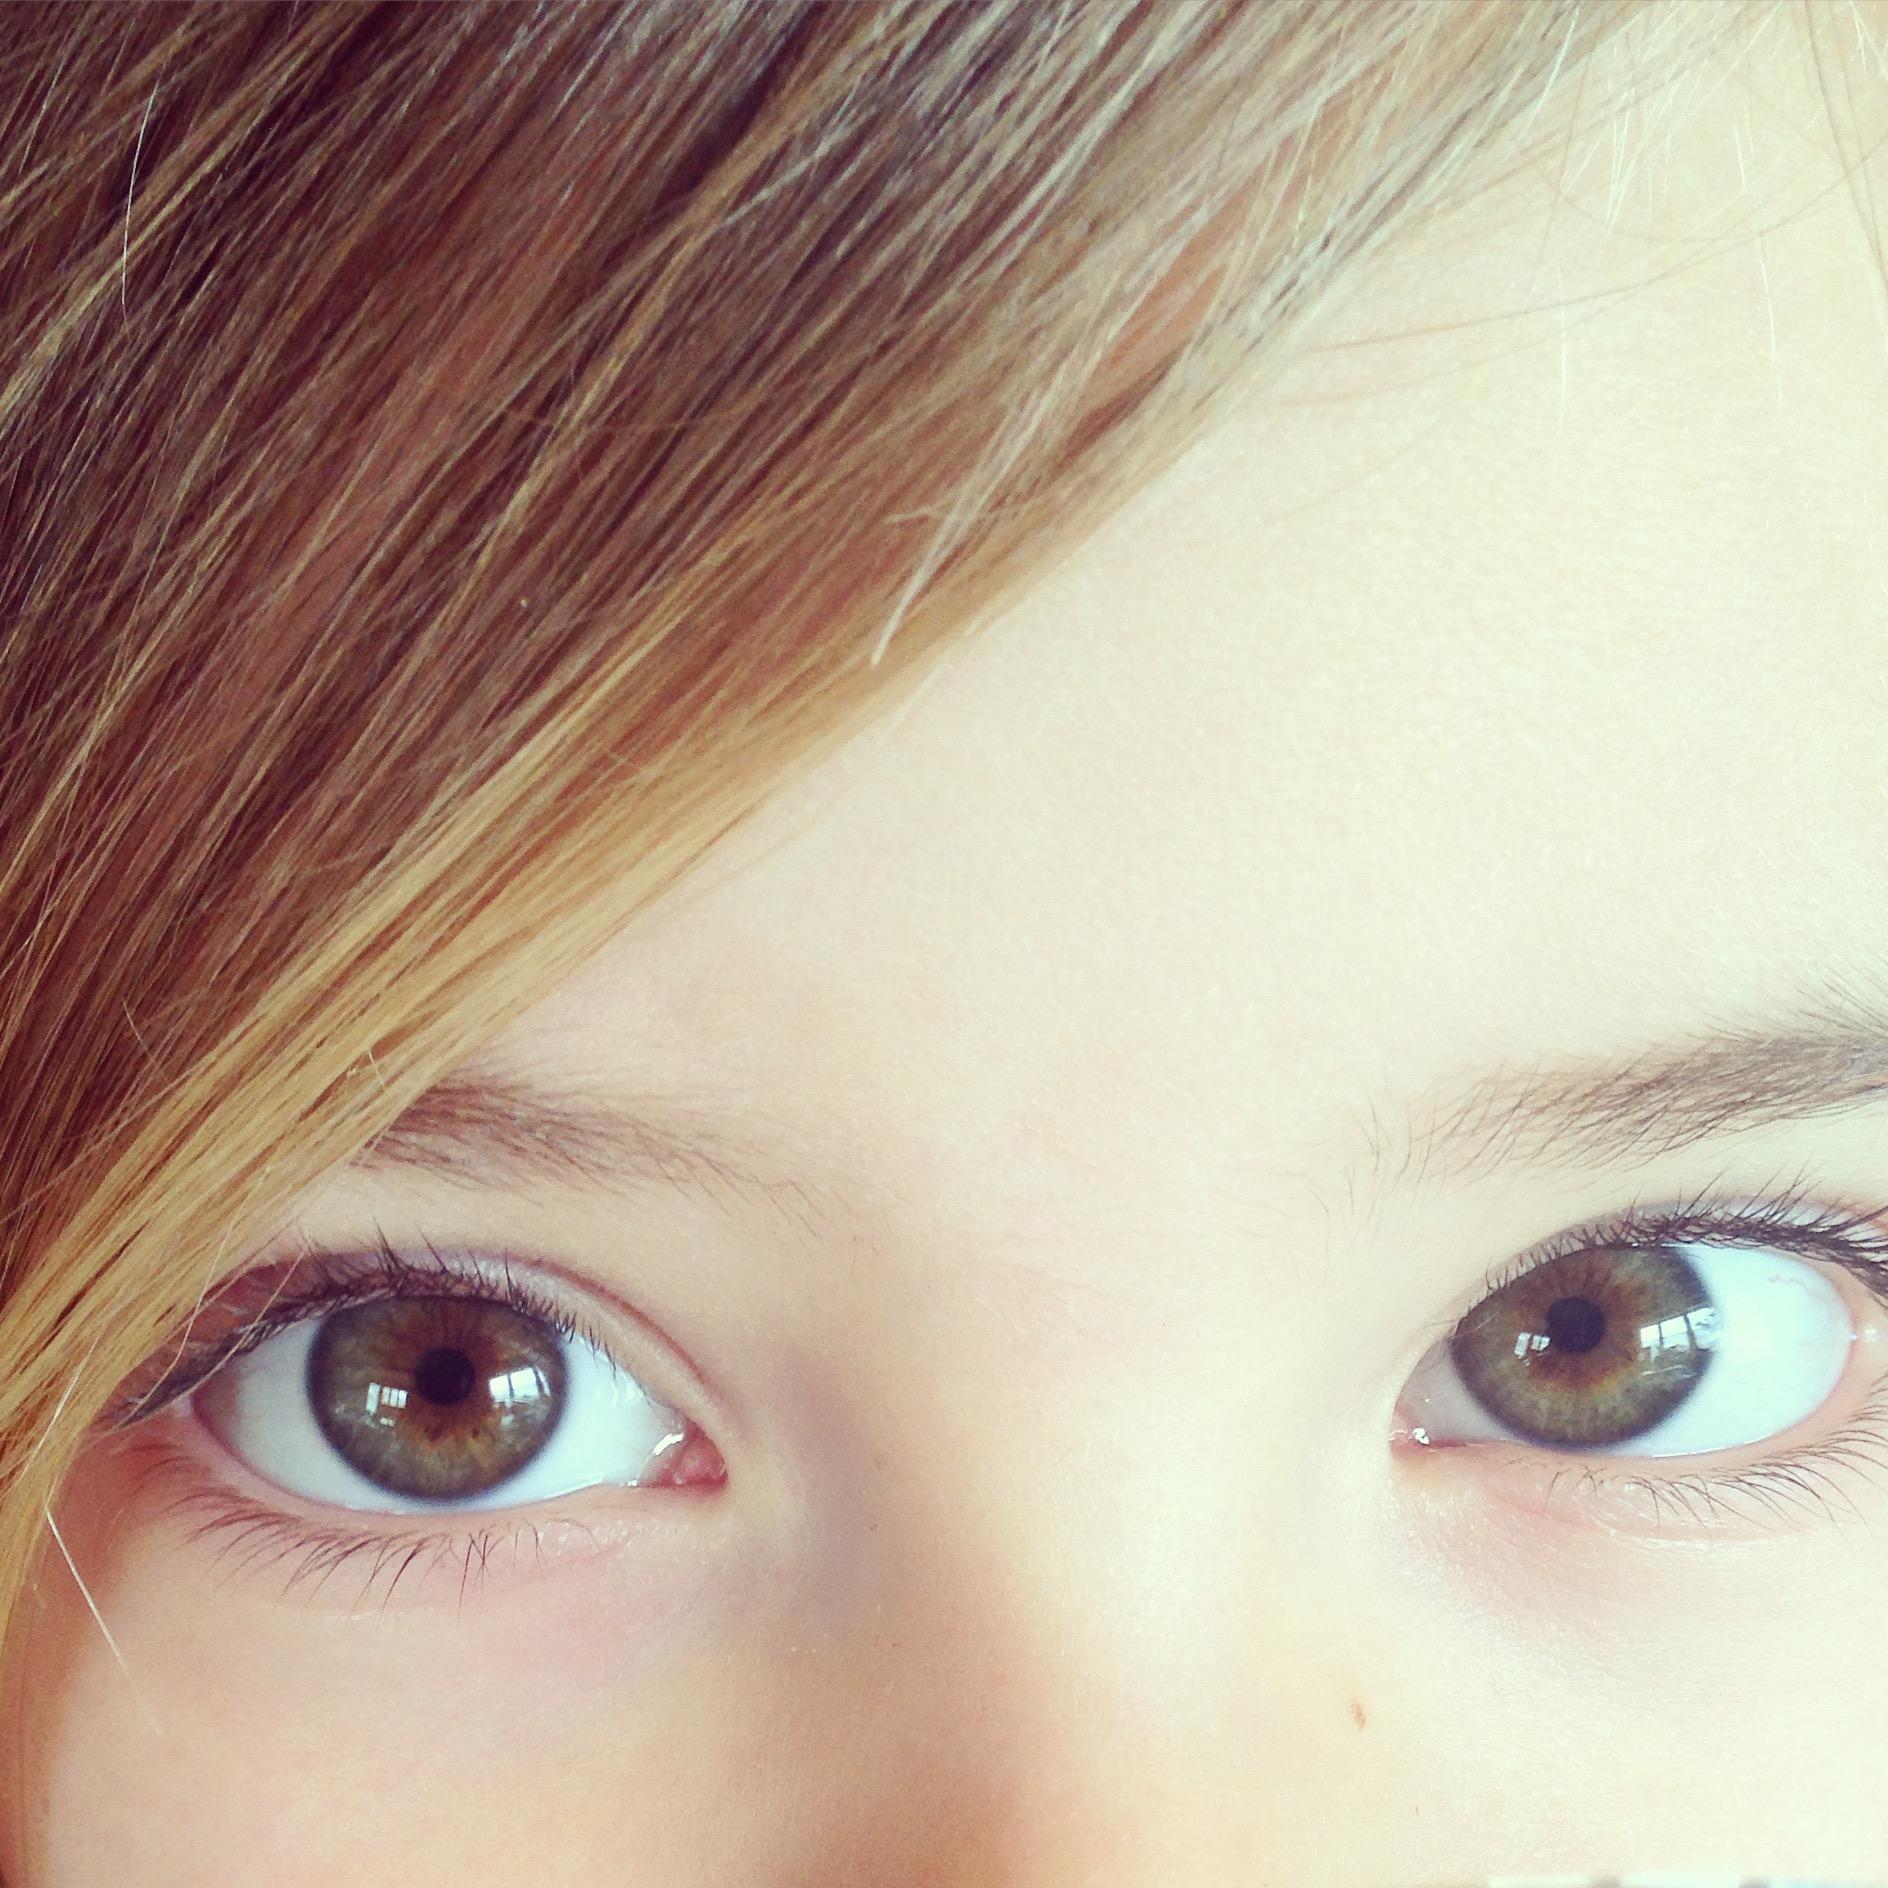 Op zondag vielen de mooie ogen van Eva me ineens op!